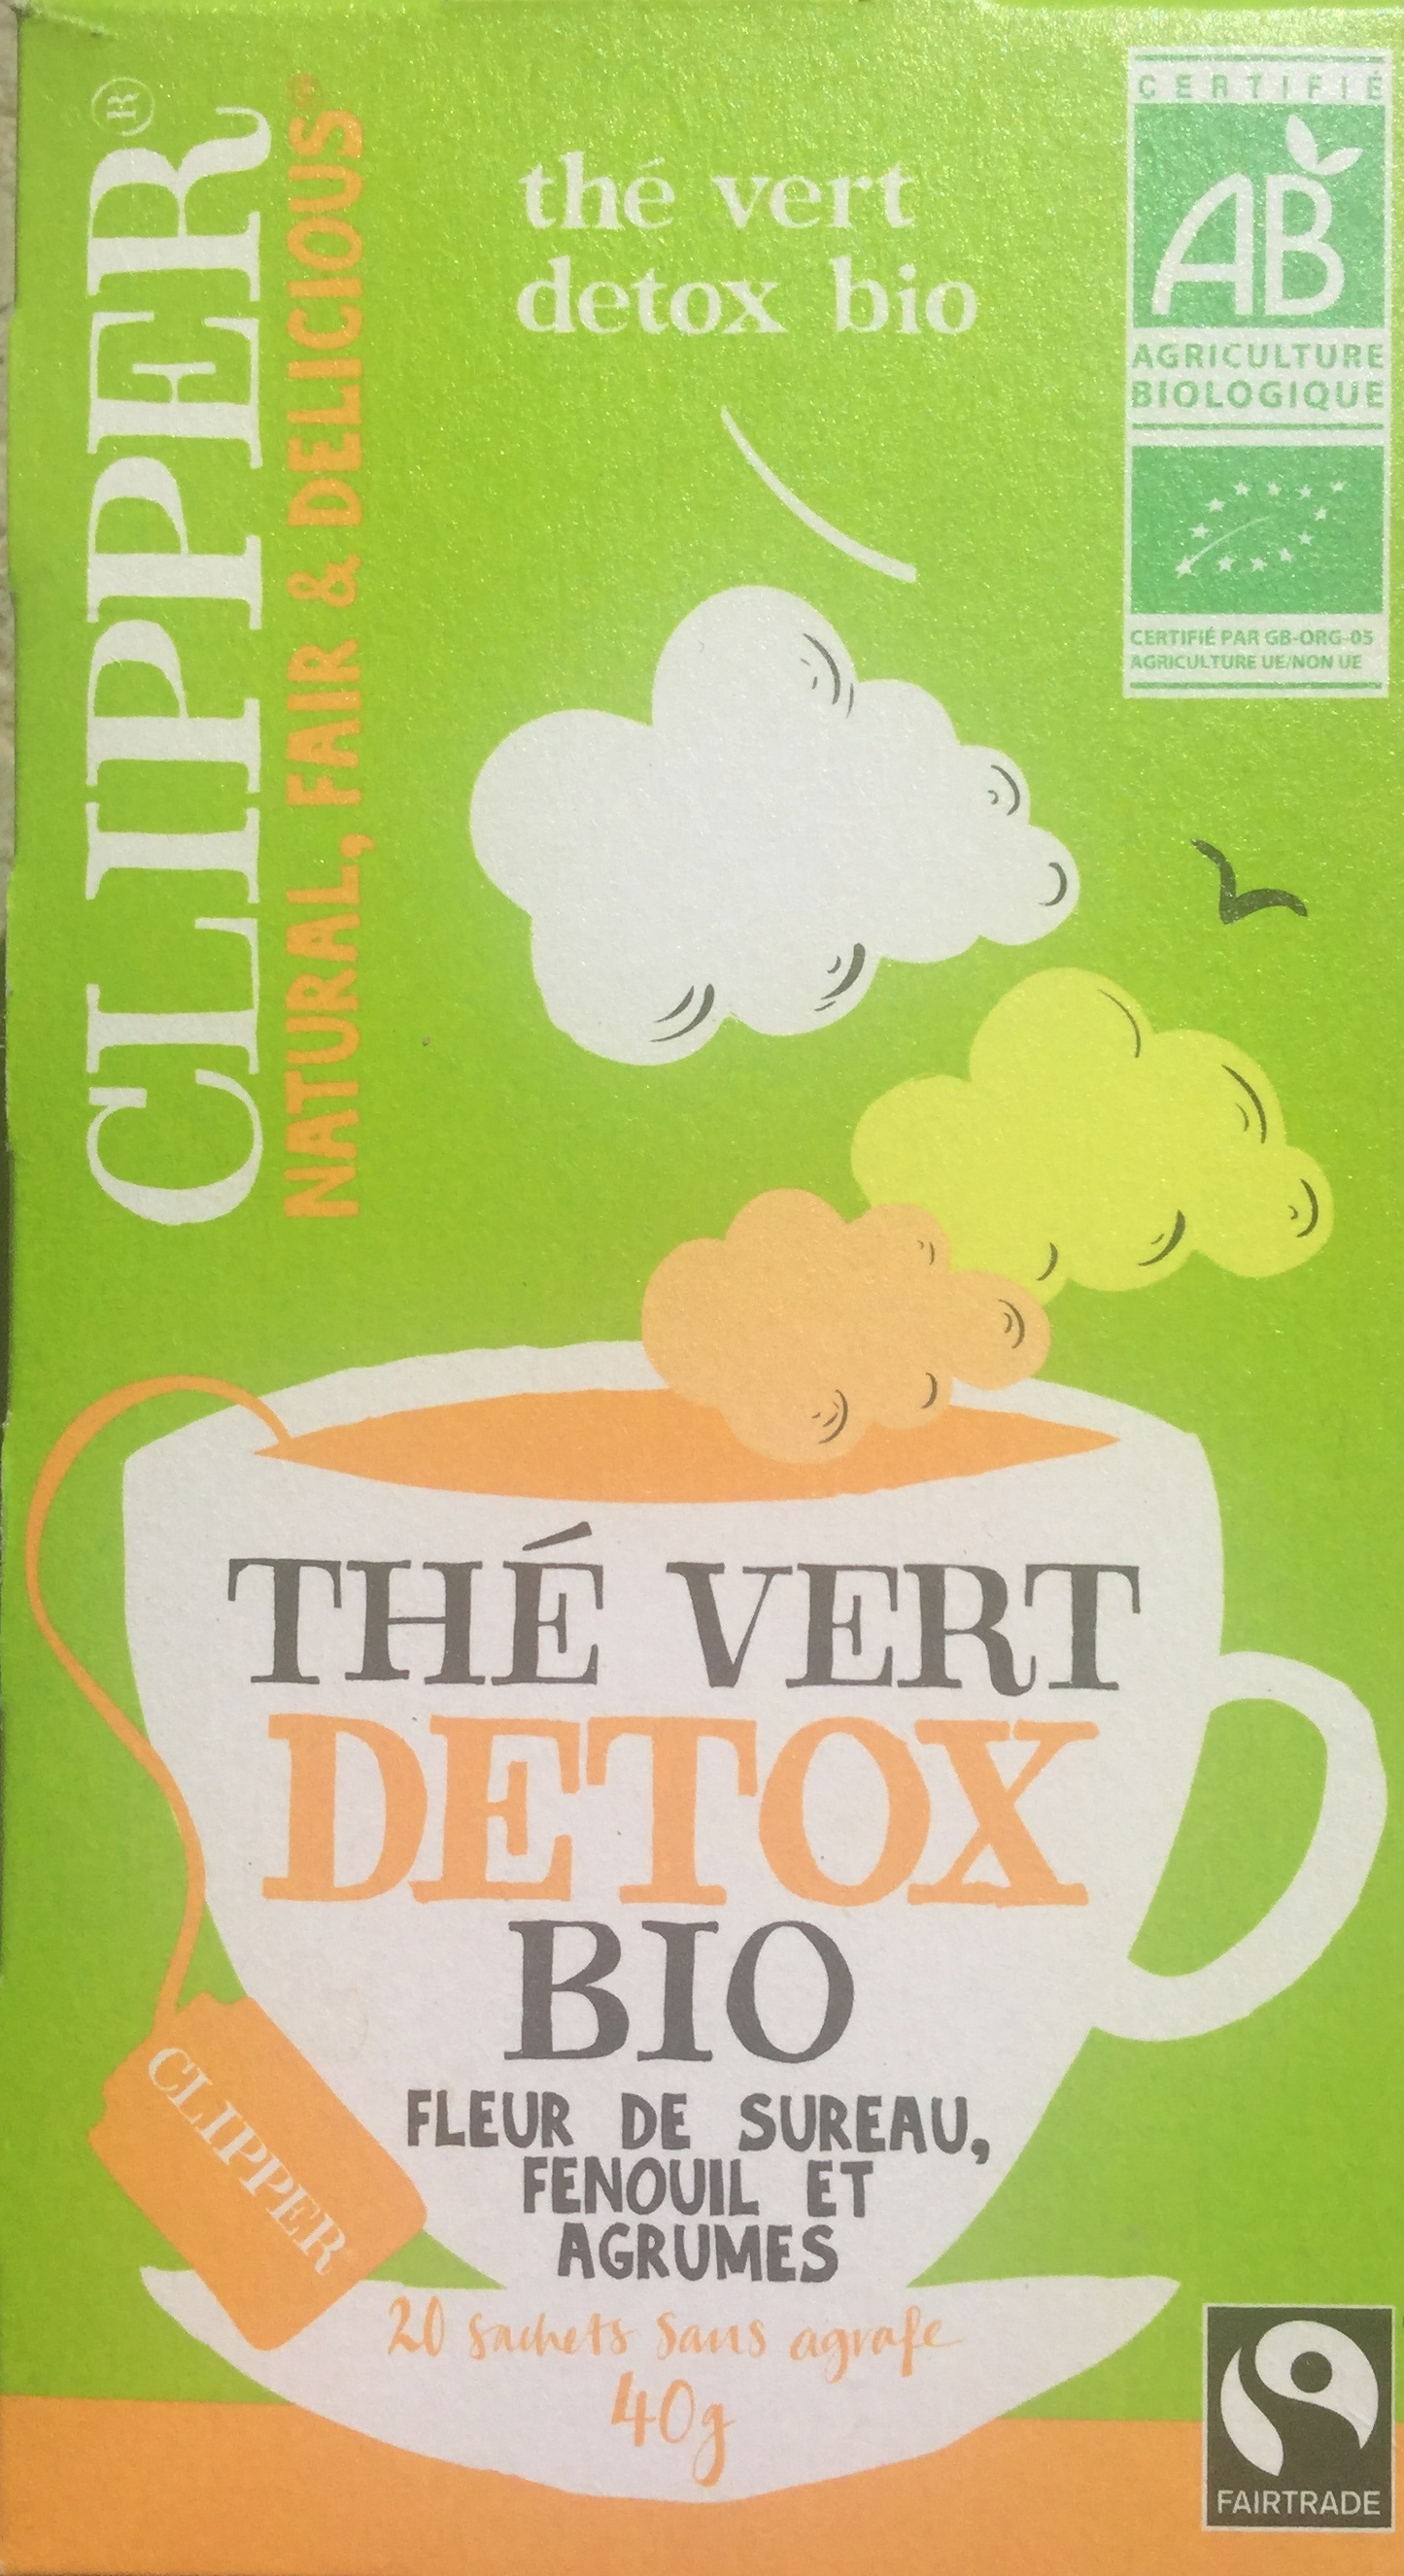 The Vert Detox Bio Clipper 40g 20 Sachets